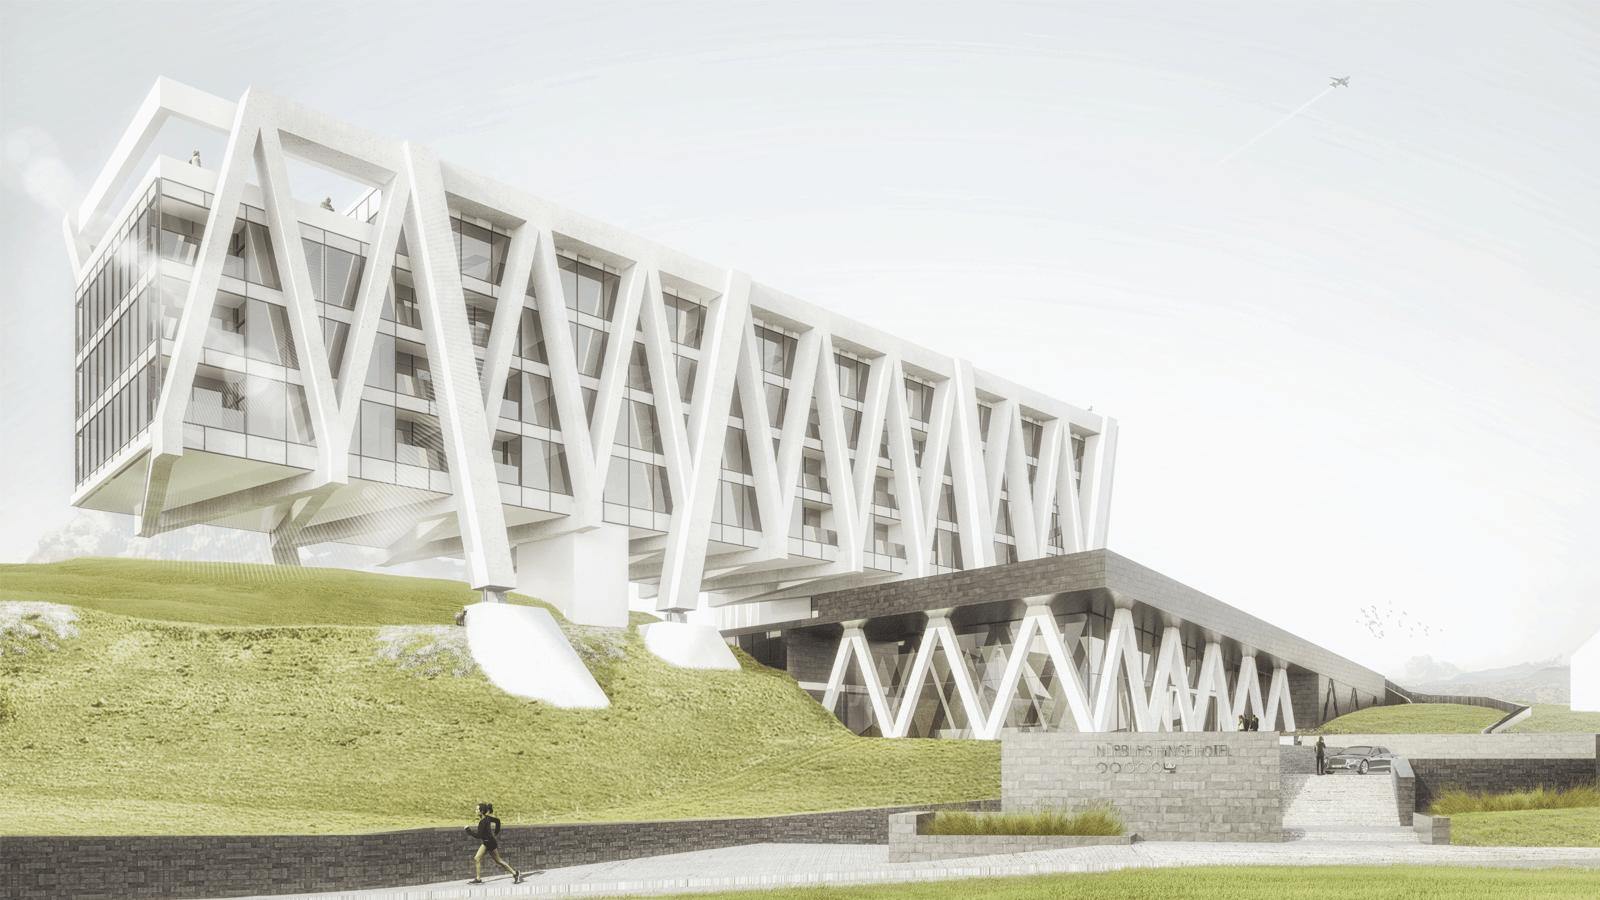 Rendering Architekturmodell mittels 3D Druck hergestellt